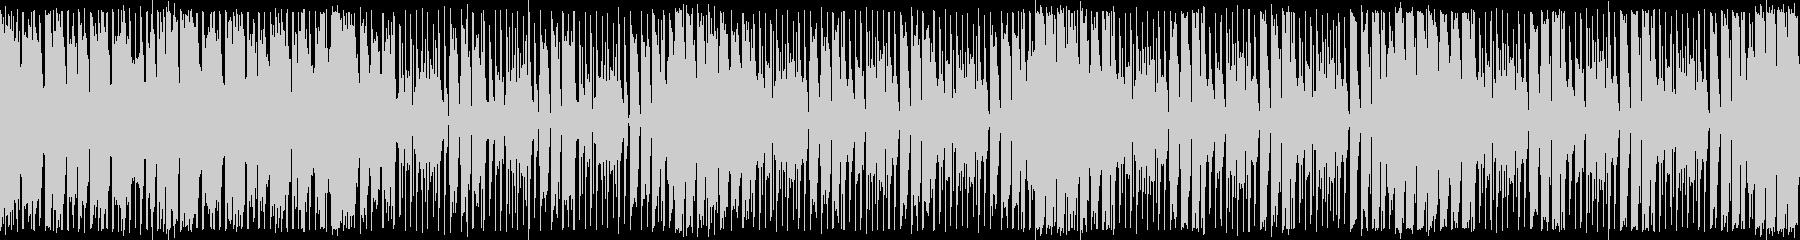 ダンスエクササイズBPM110:ループ版の未再生の波形